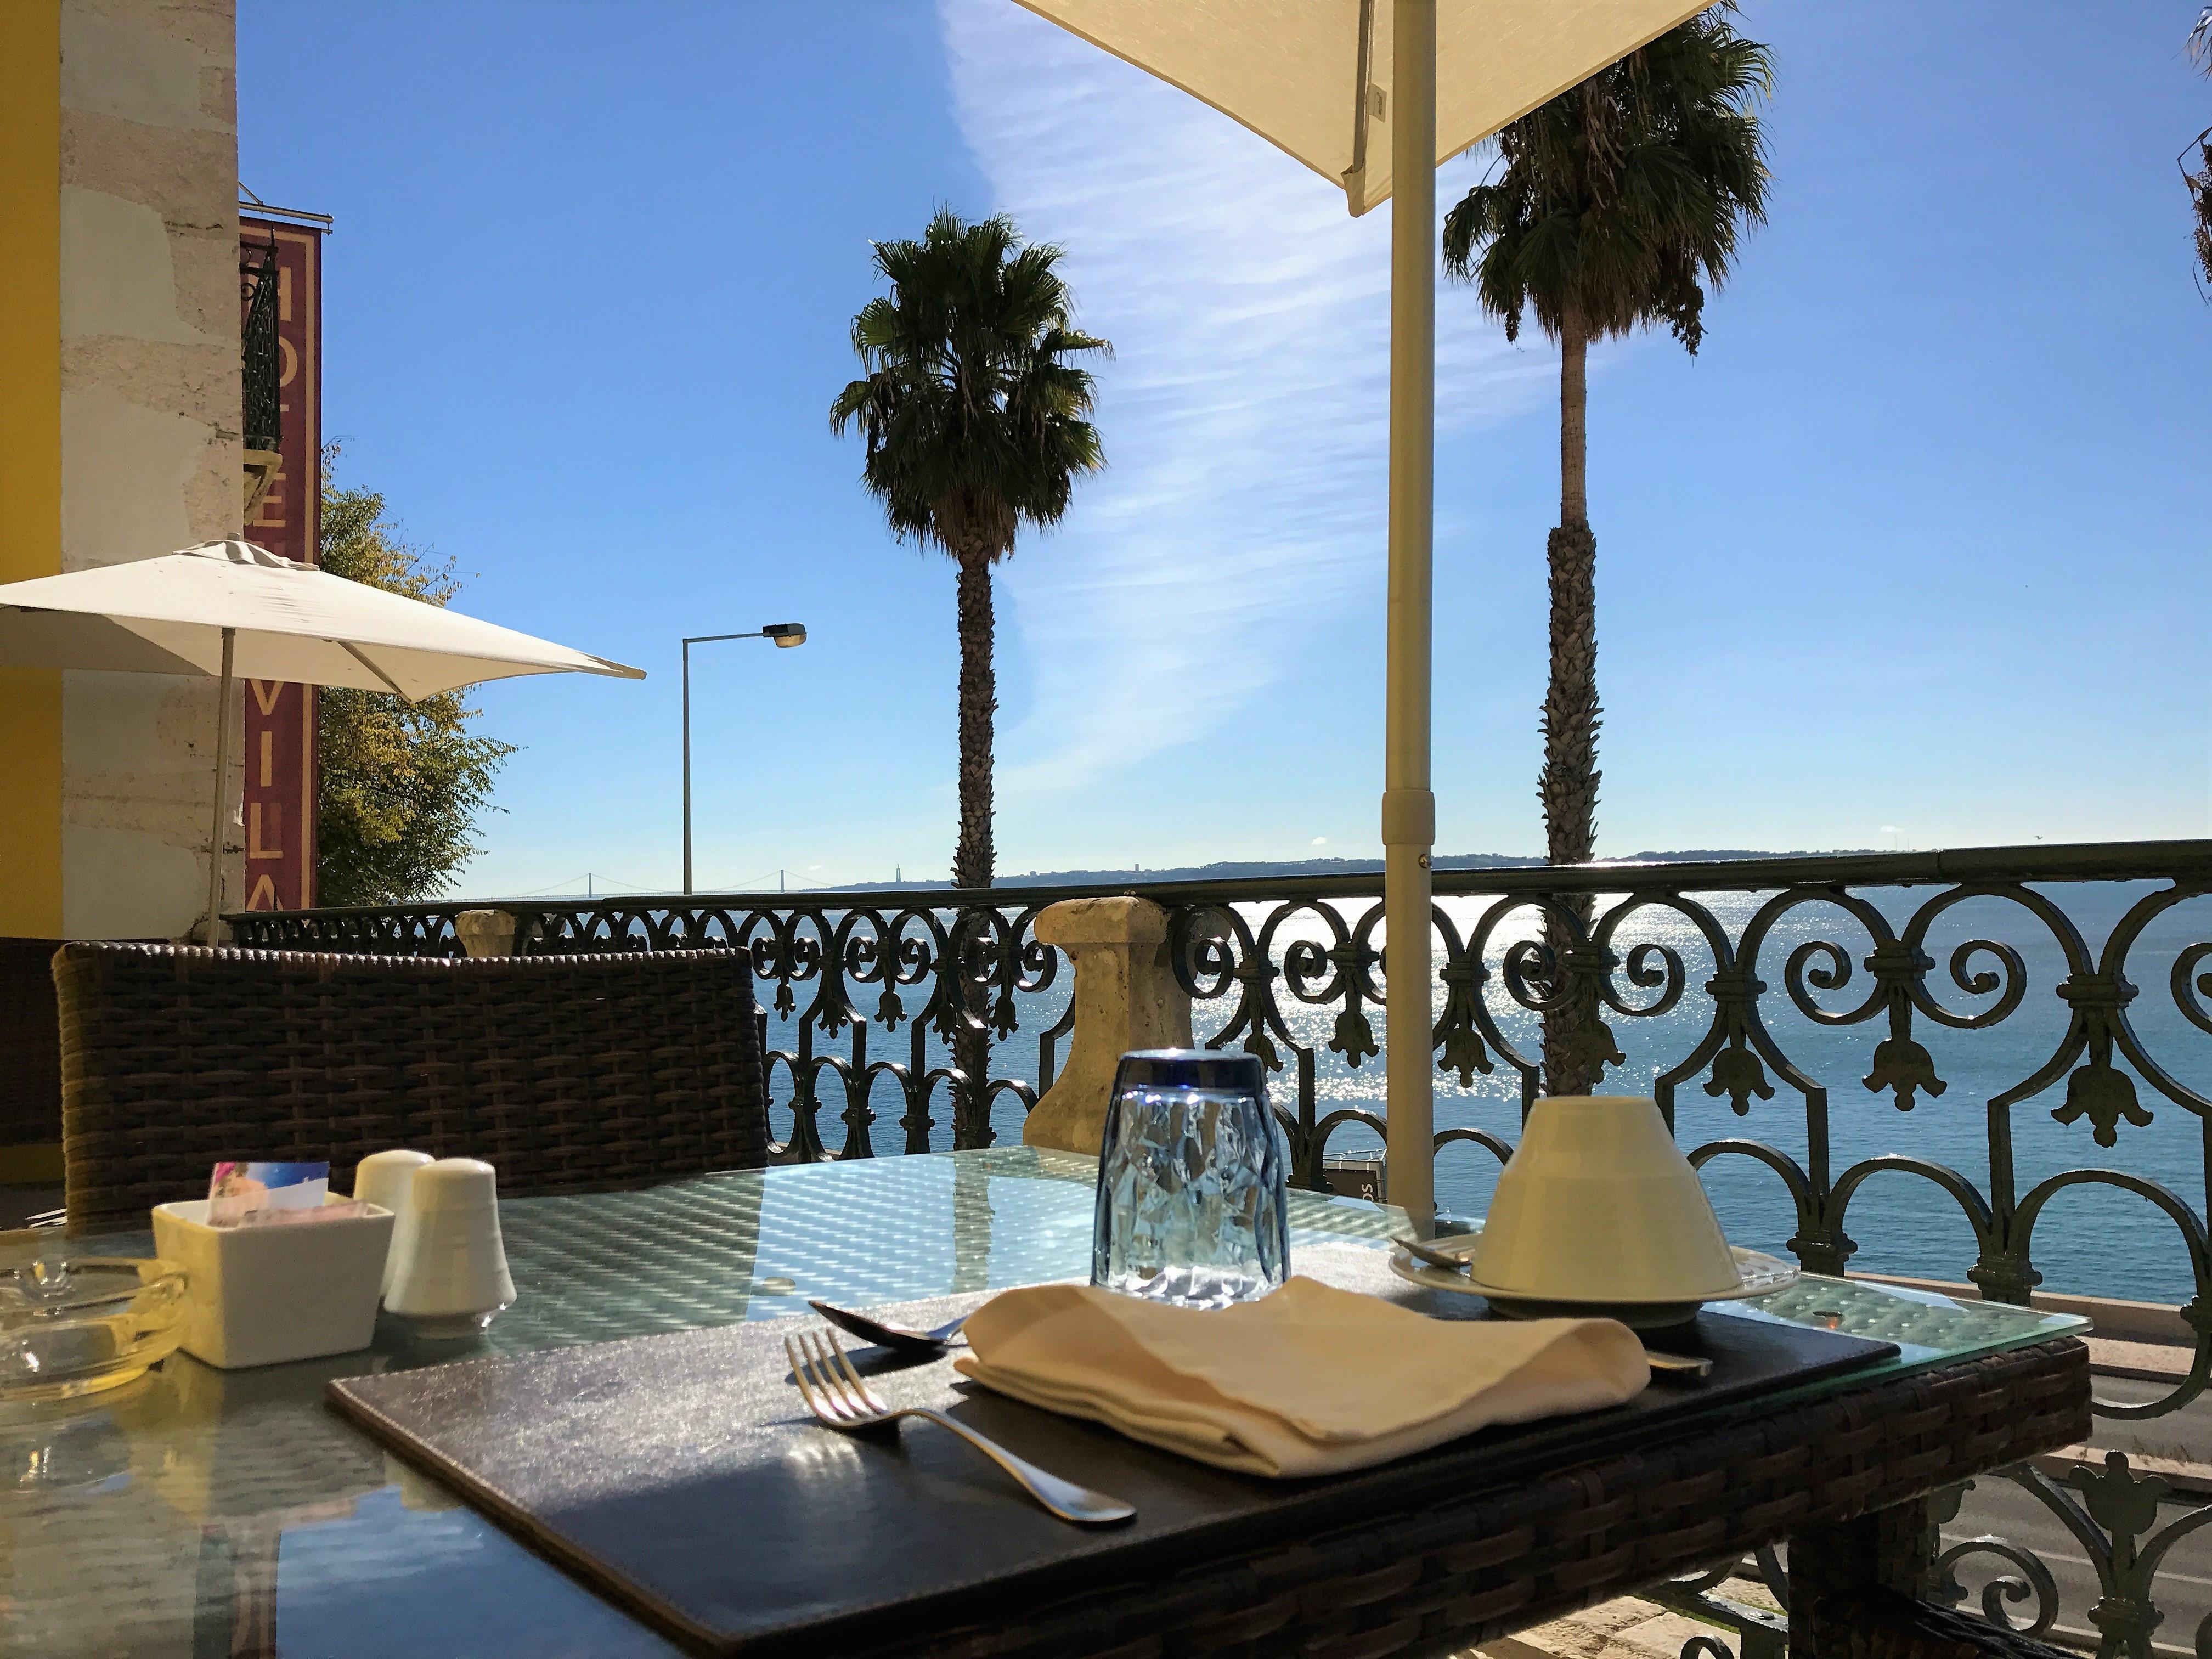 Terrasse du restaurant du Vila Gale Palacio dos Arcos - Hotel 5 etoiles pres de Lisbonne